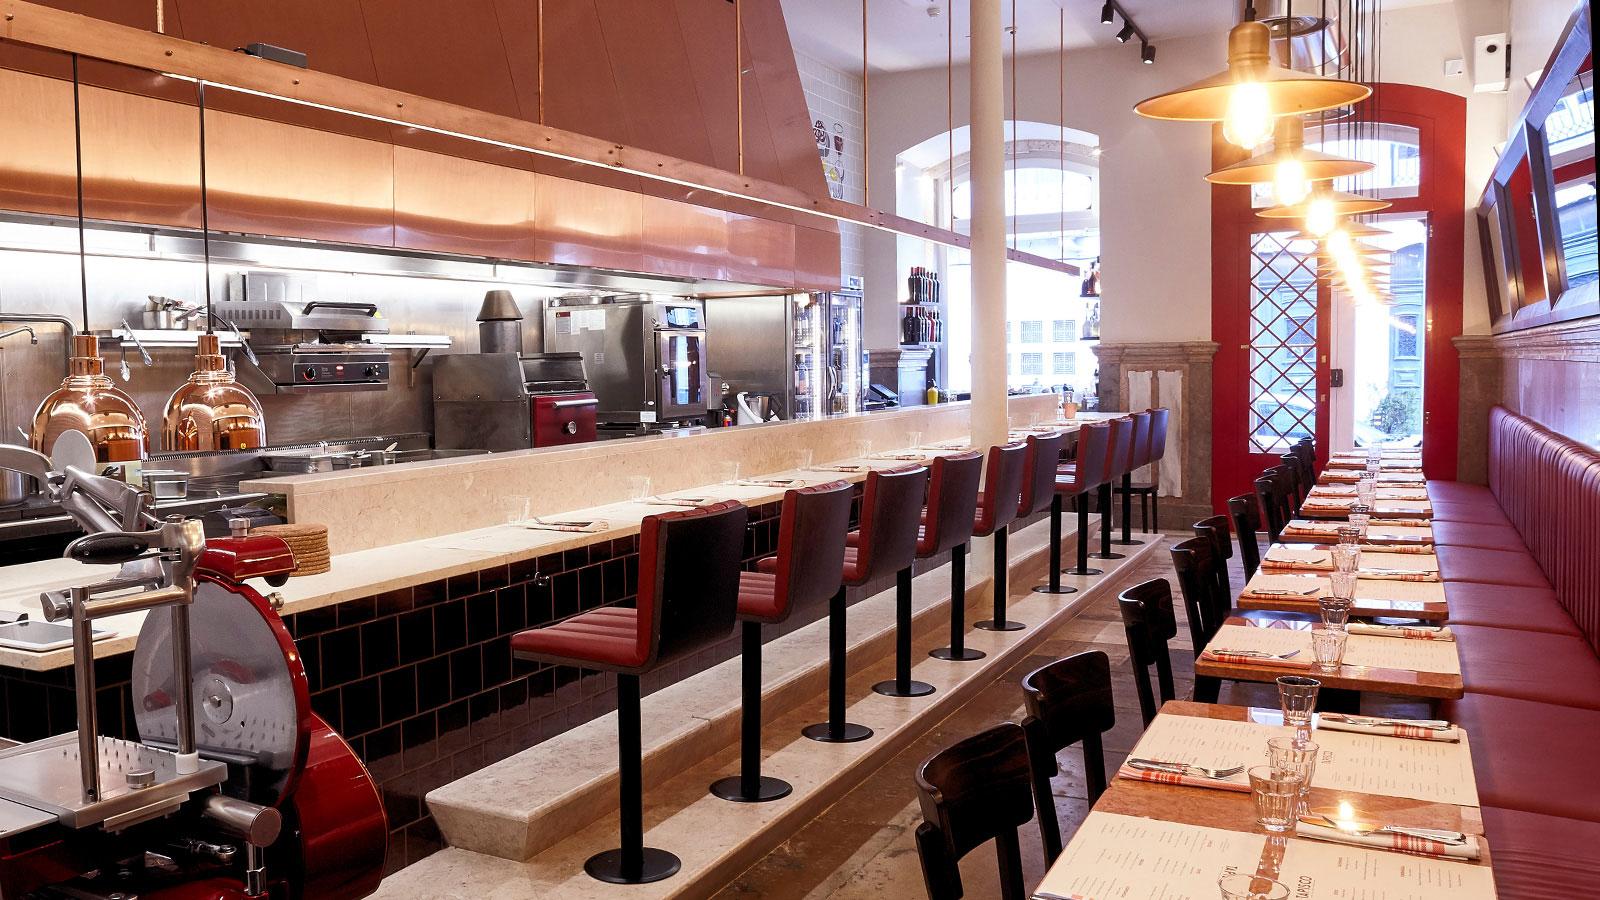 Tapisco restaurant in Lisbon